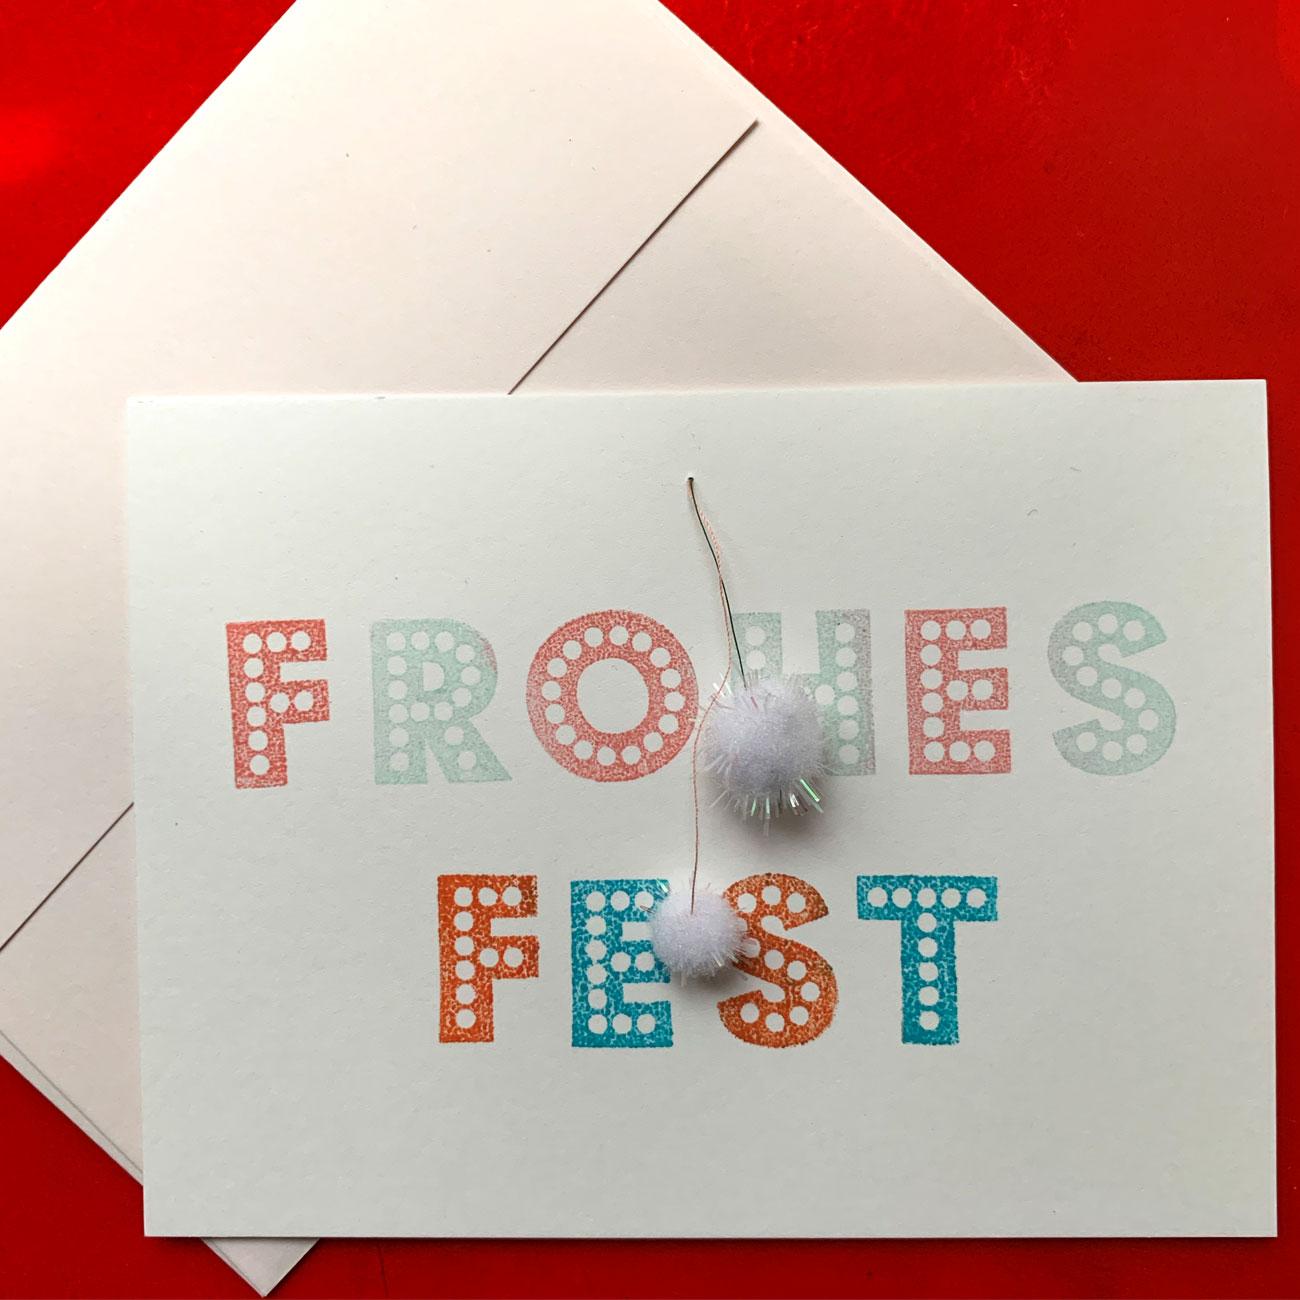 Frohes Fest, Klappkarte mit 2 Bommeln, mit Kuvert, festlich,